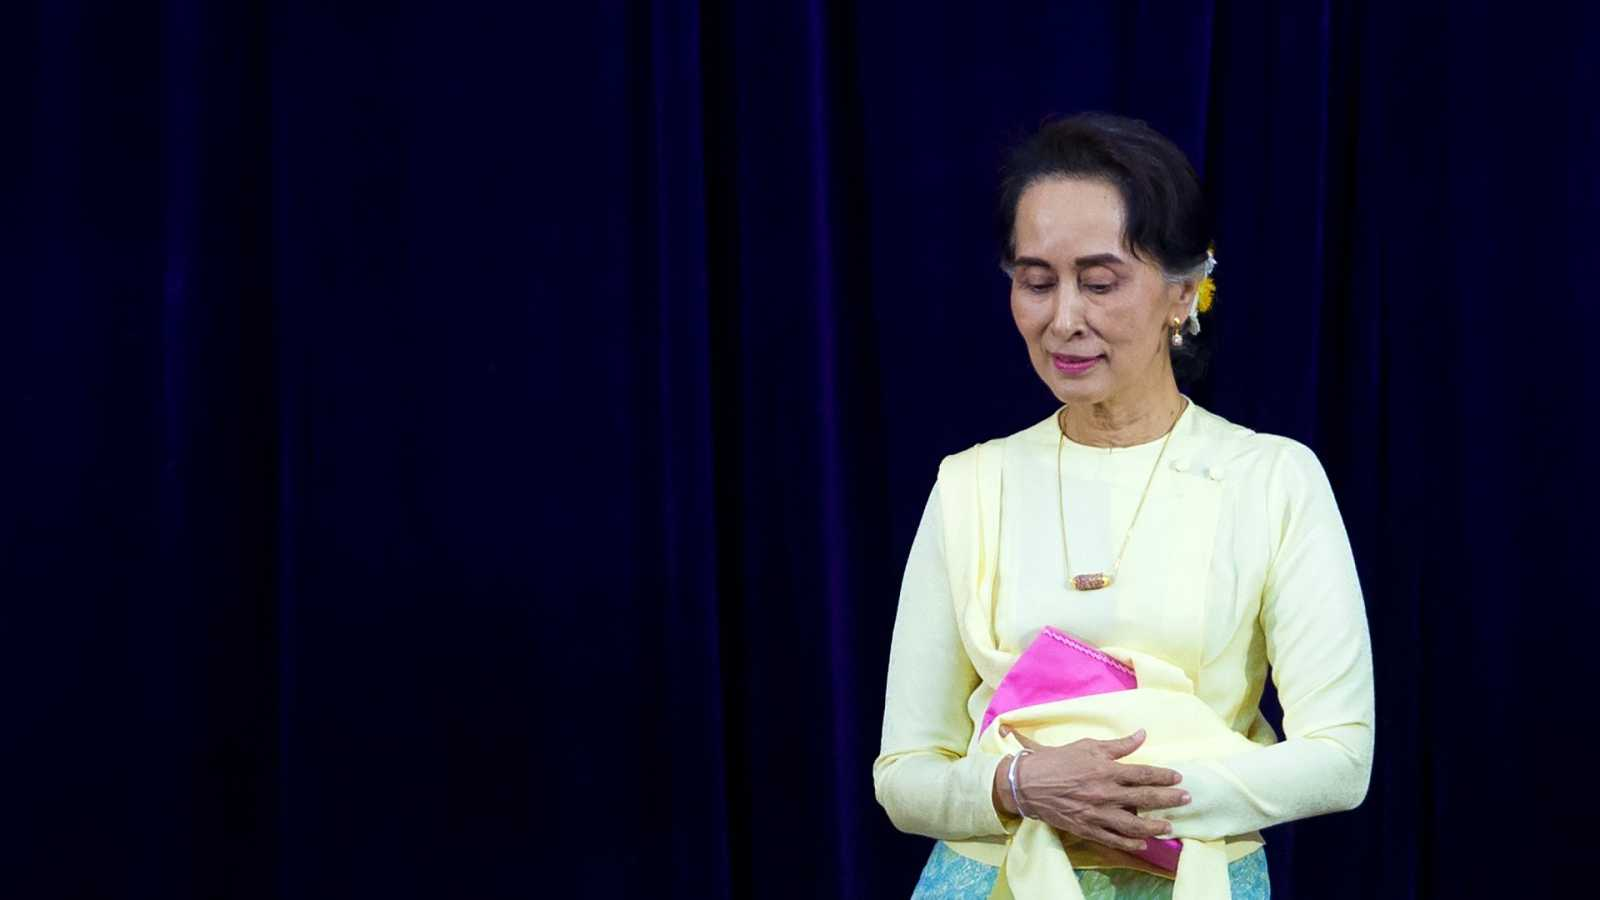 La jefa de Gobierno de facto de Birmania y Nobel de la Paz, Aung San Suu Kyi.